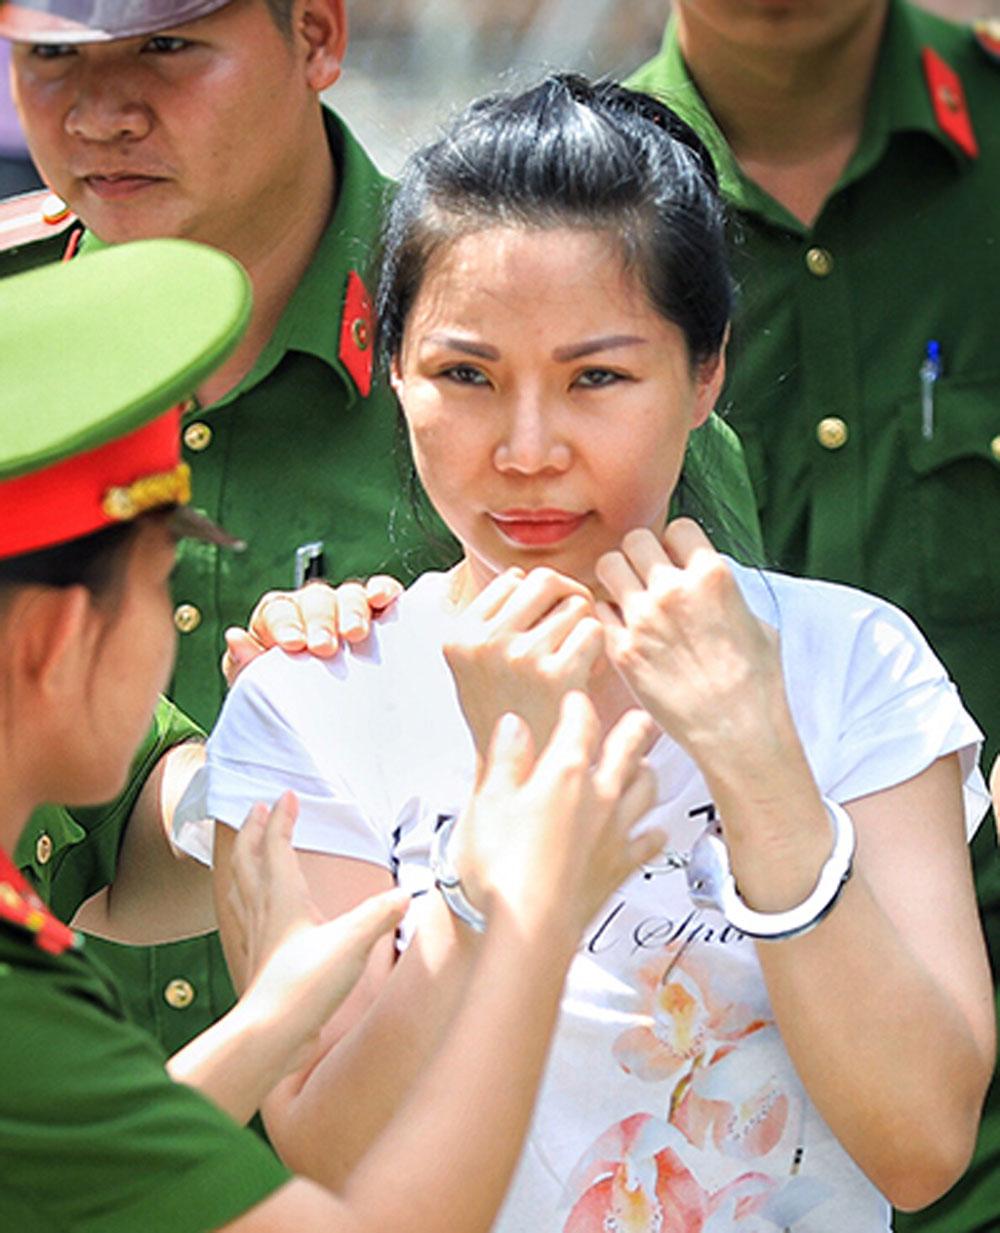 Vợ bác sĩ Chiêm Quốc Thái, lĩnh 18 tháng tù, Việt kiều Vũ Thụy Hồng Ngọc